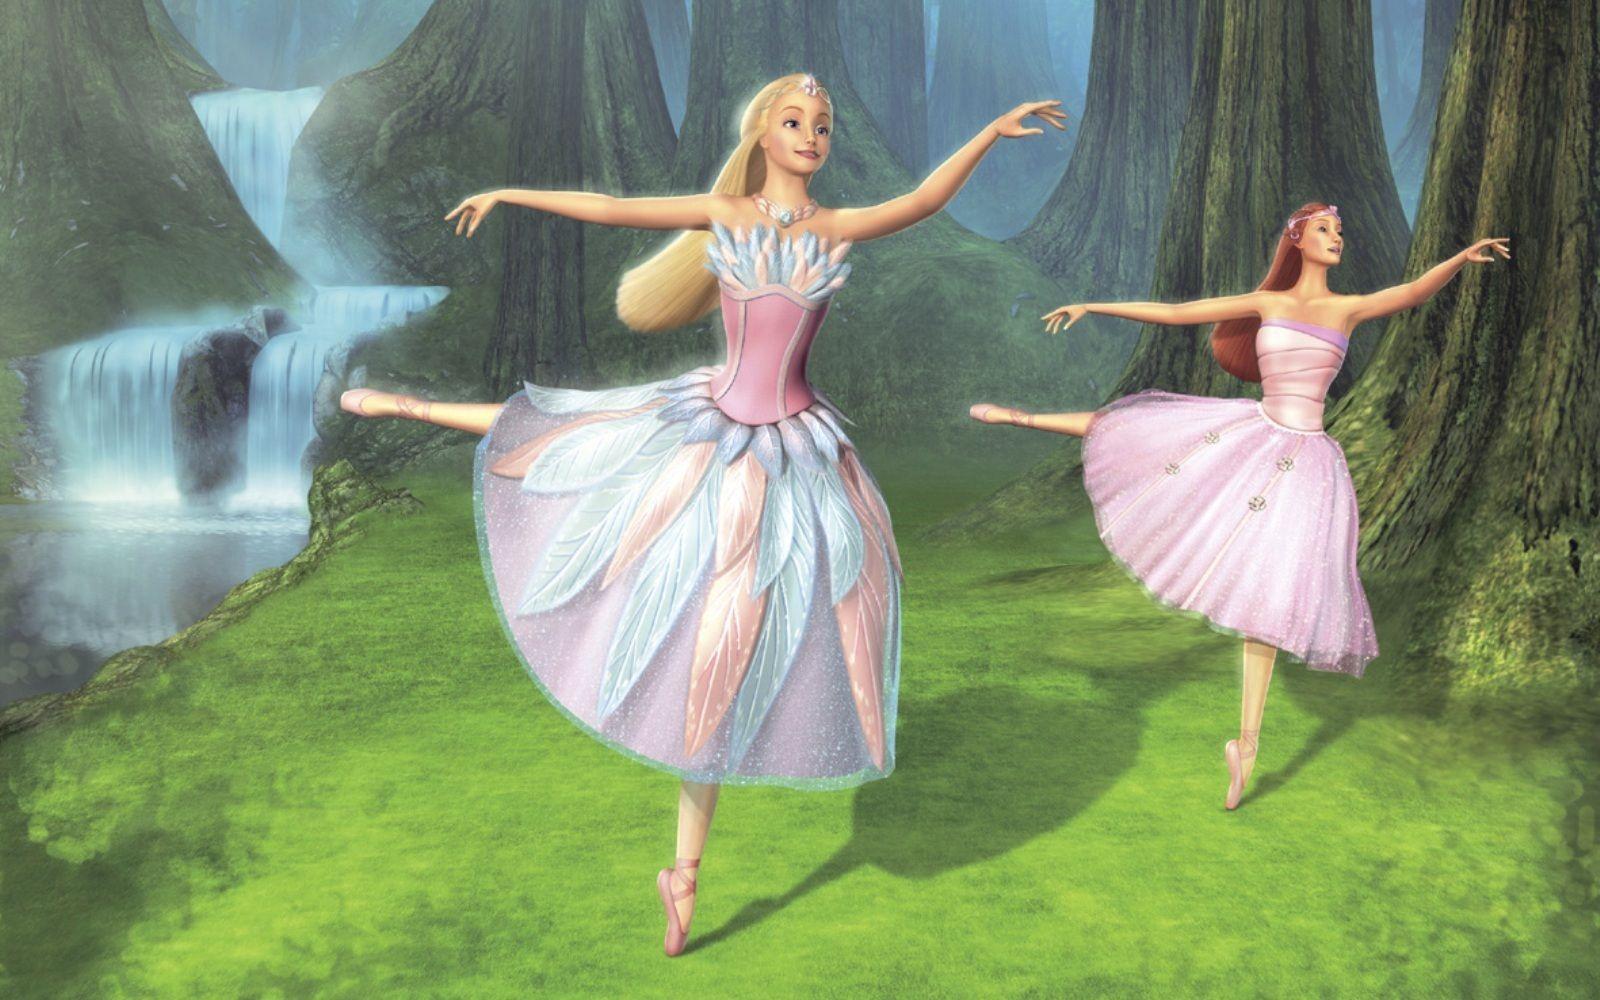 Barbie dancing in Barbie of Swan Lake (2003)